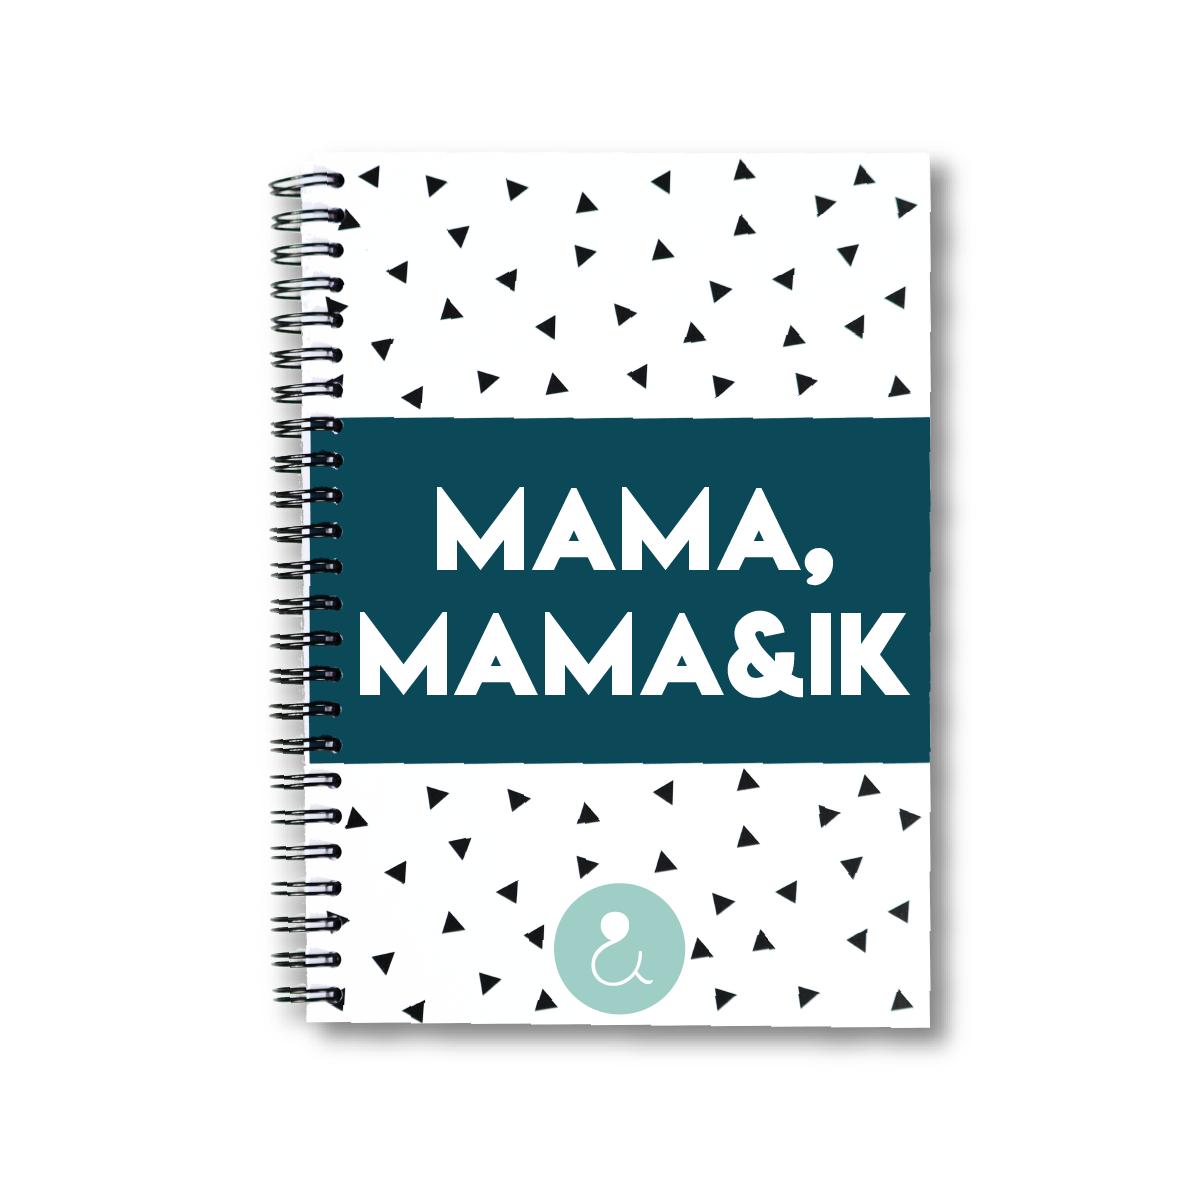 Mama, mama&ik | invulboek voor mama's (mint stip)